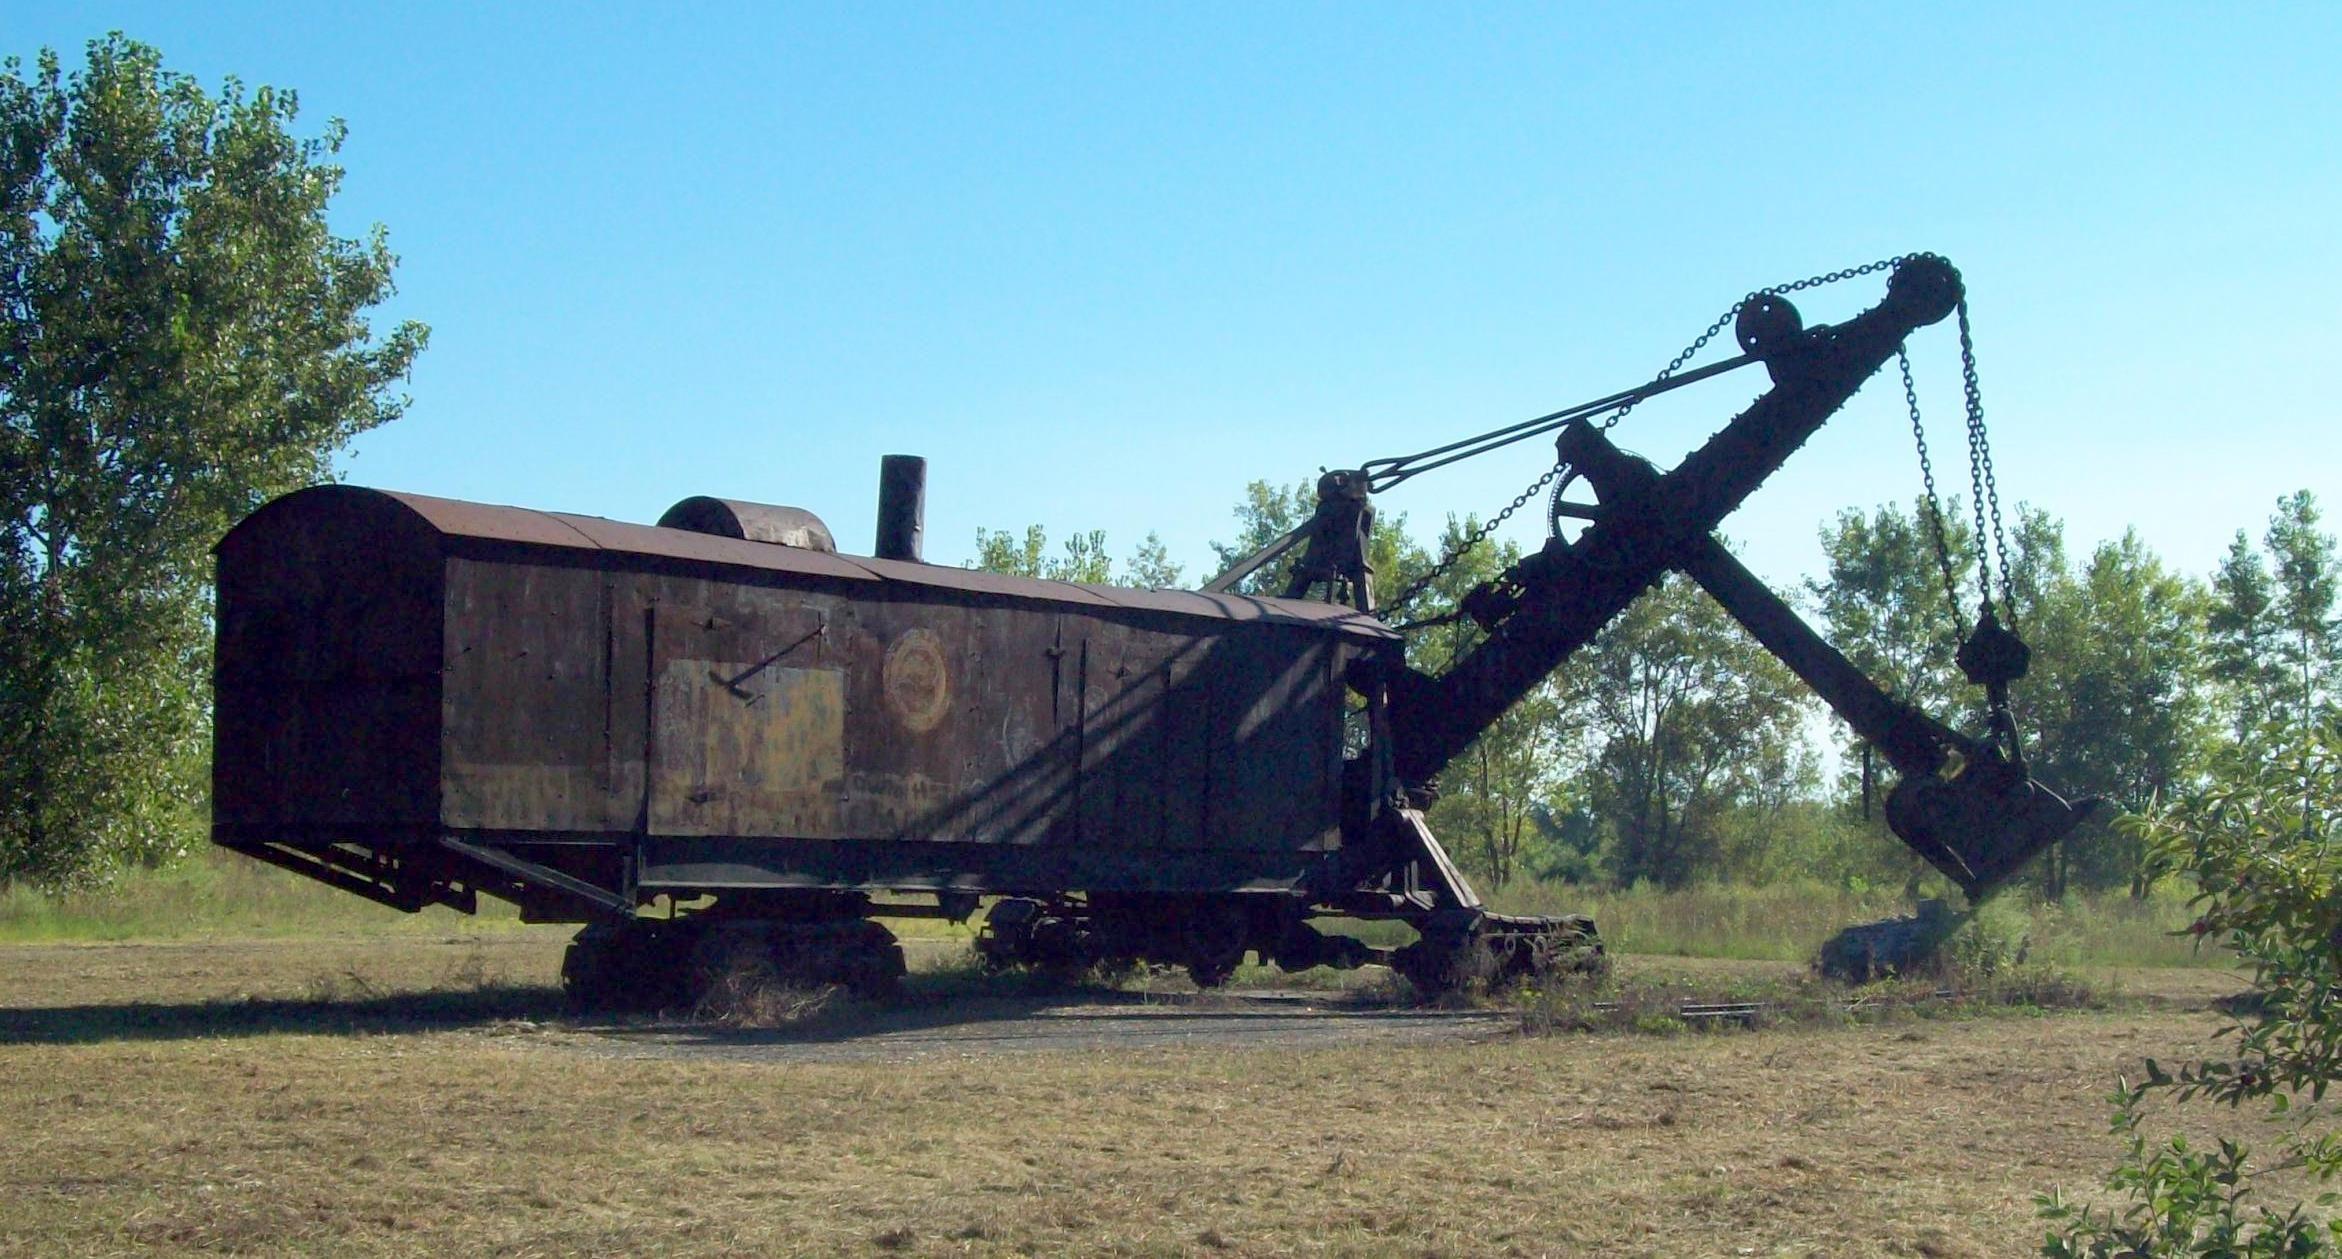 vecchie escavatrici a vapore le origini D1880e285c47afc9e933f6c521694c74